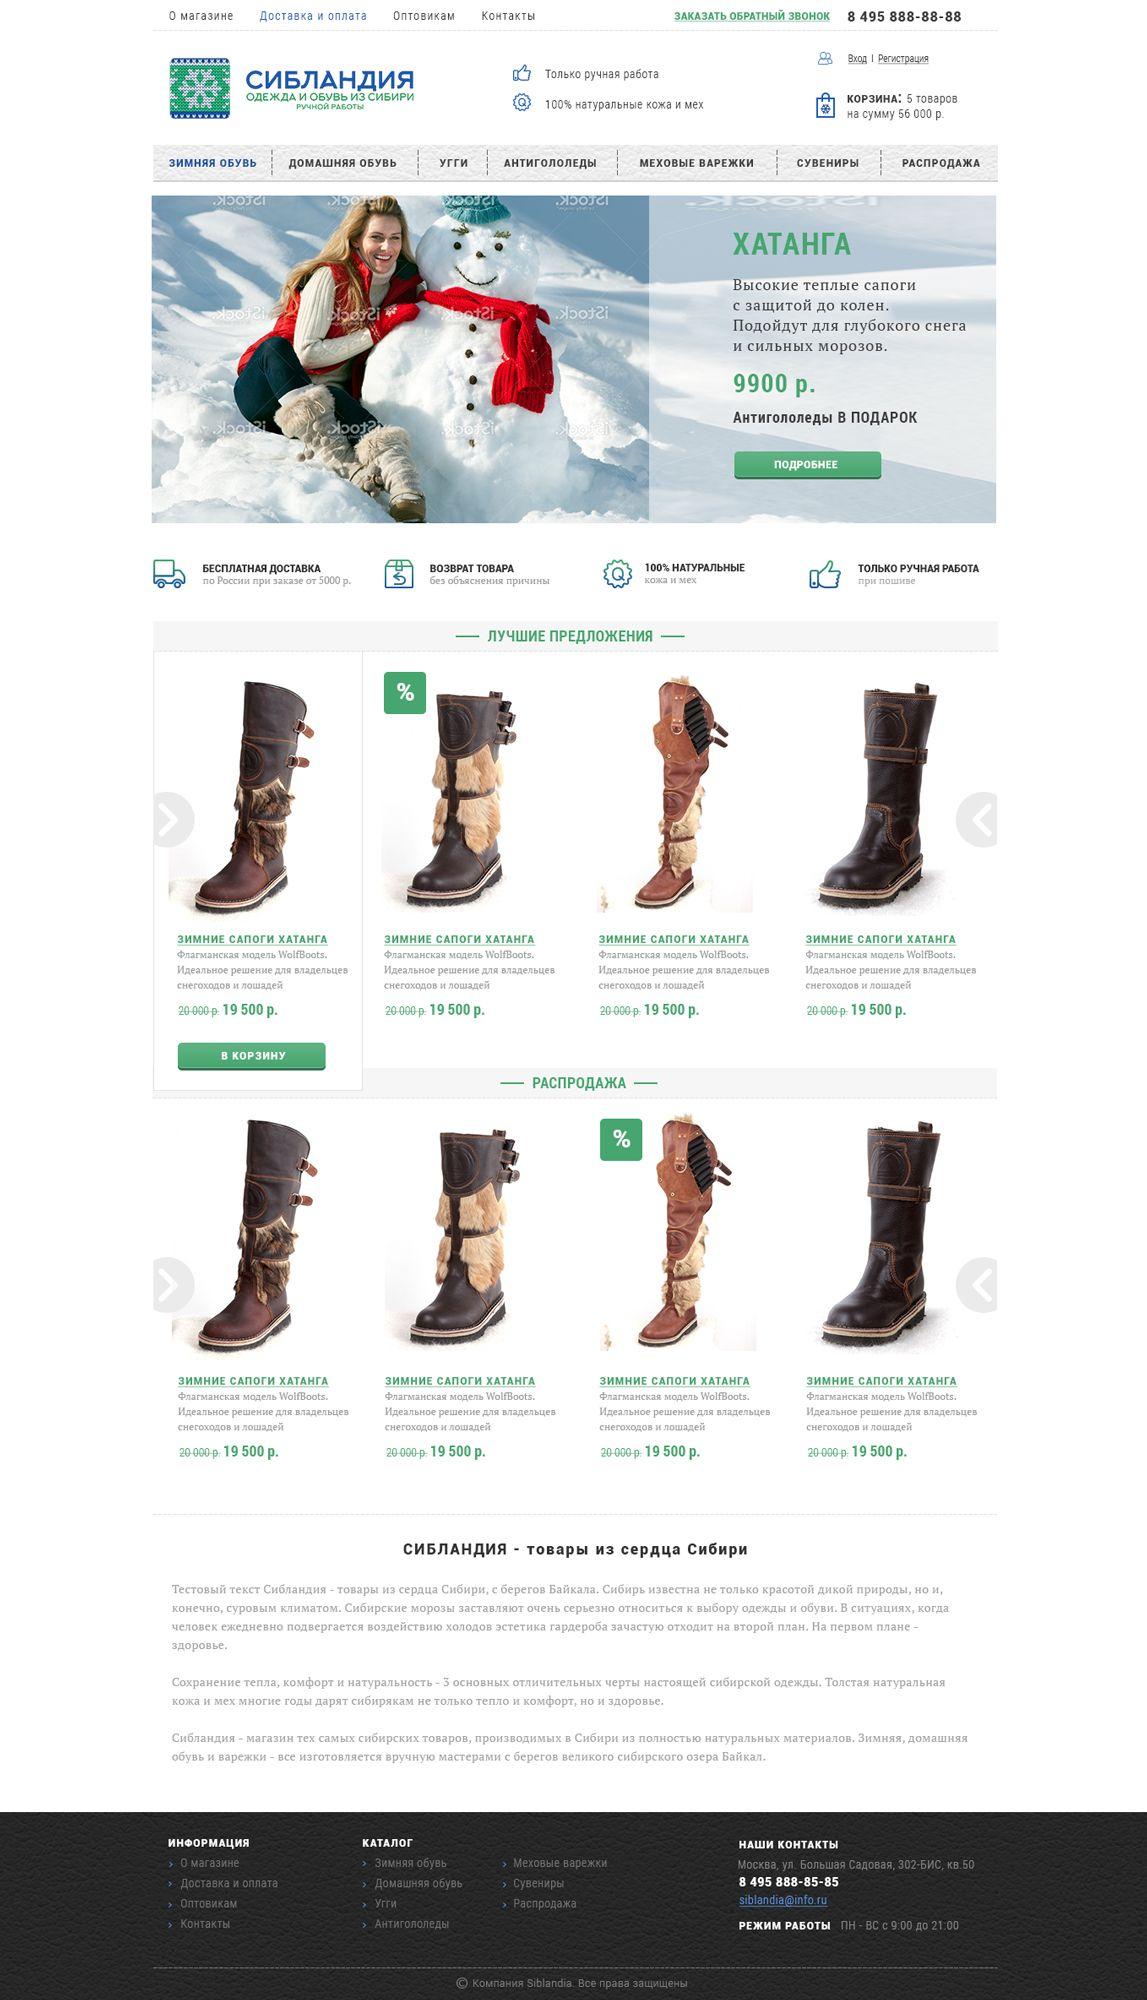 Дизайн сайта Сибландия — siblandia.ru - дизайнер anna-simo